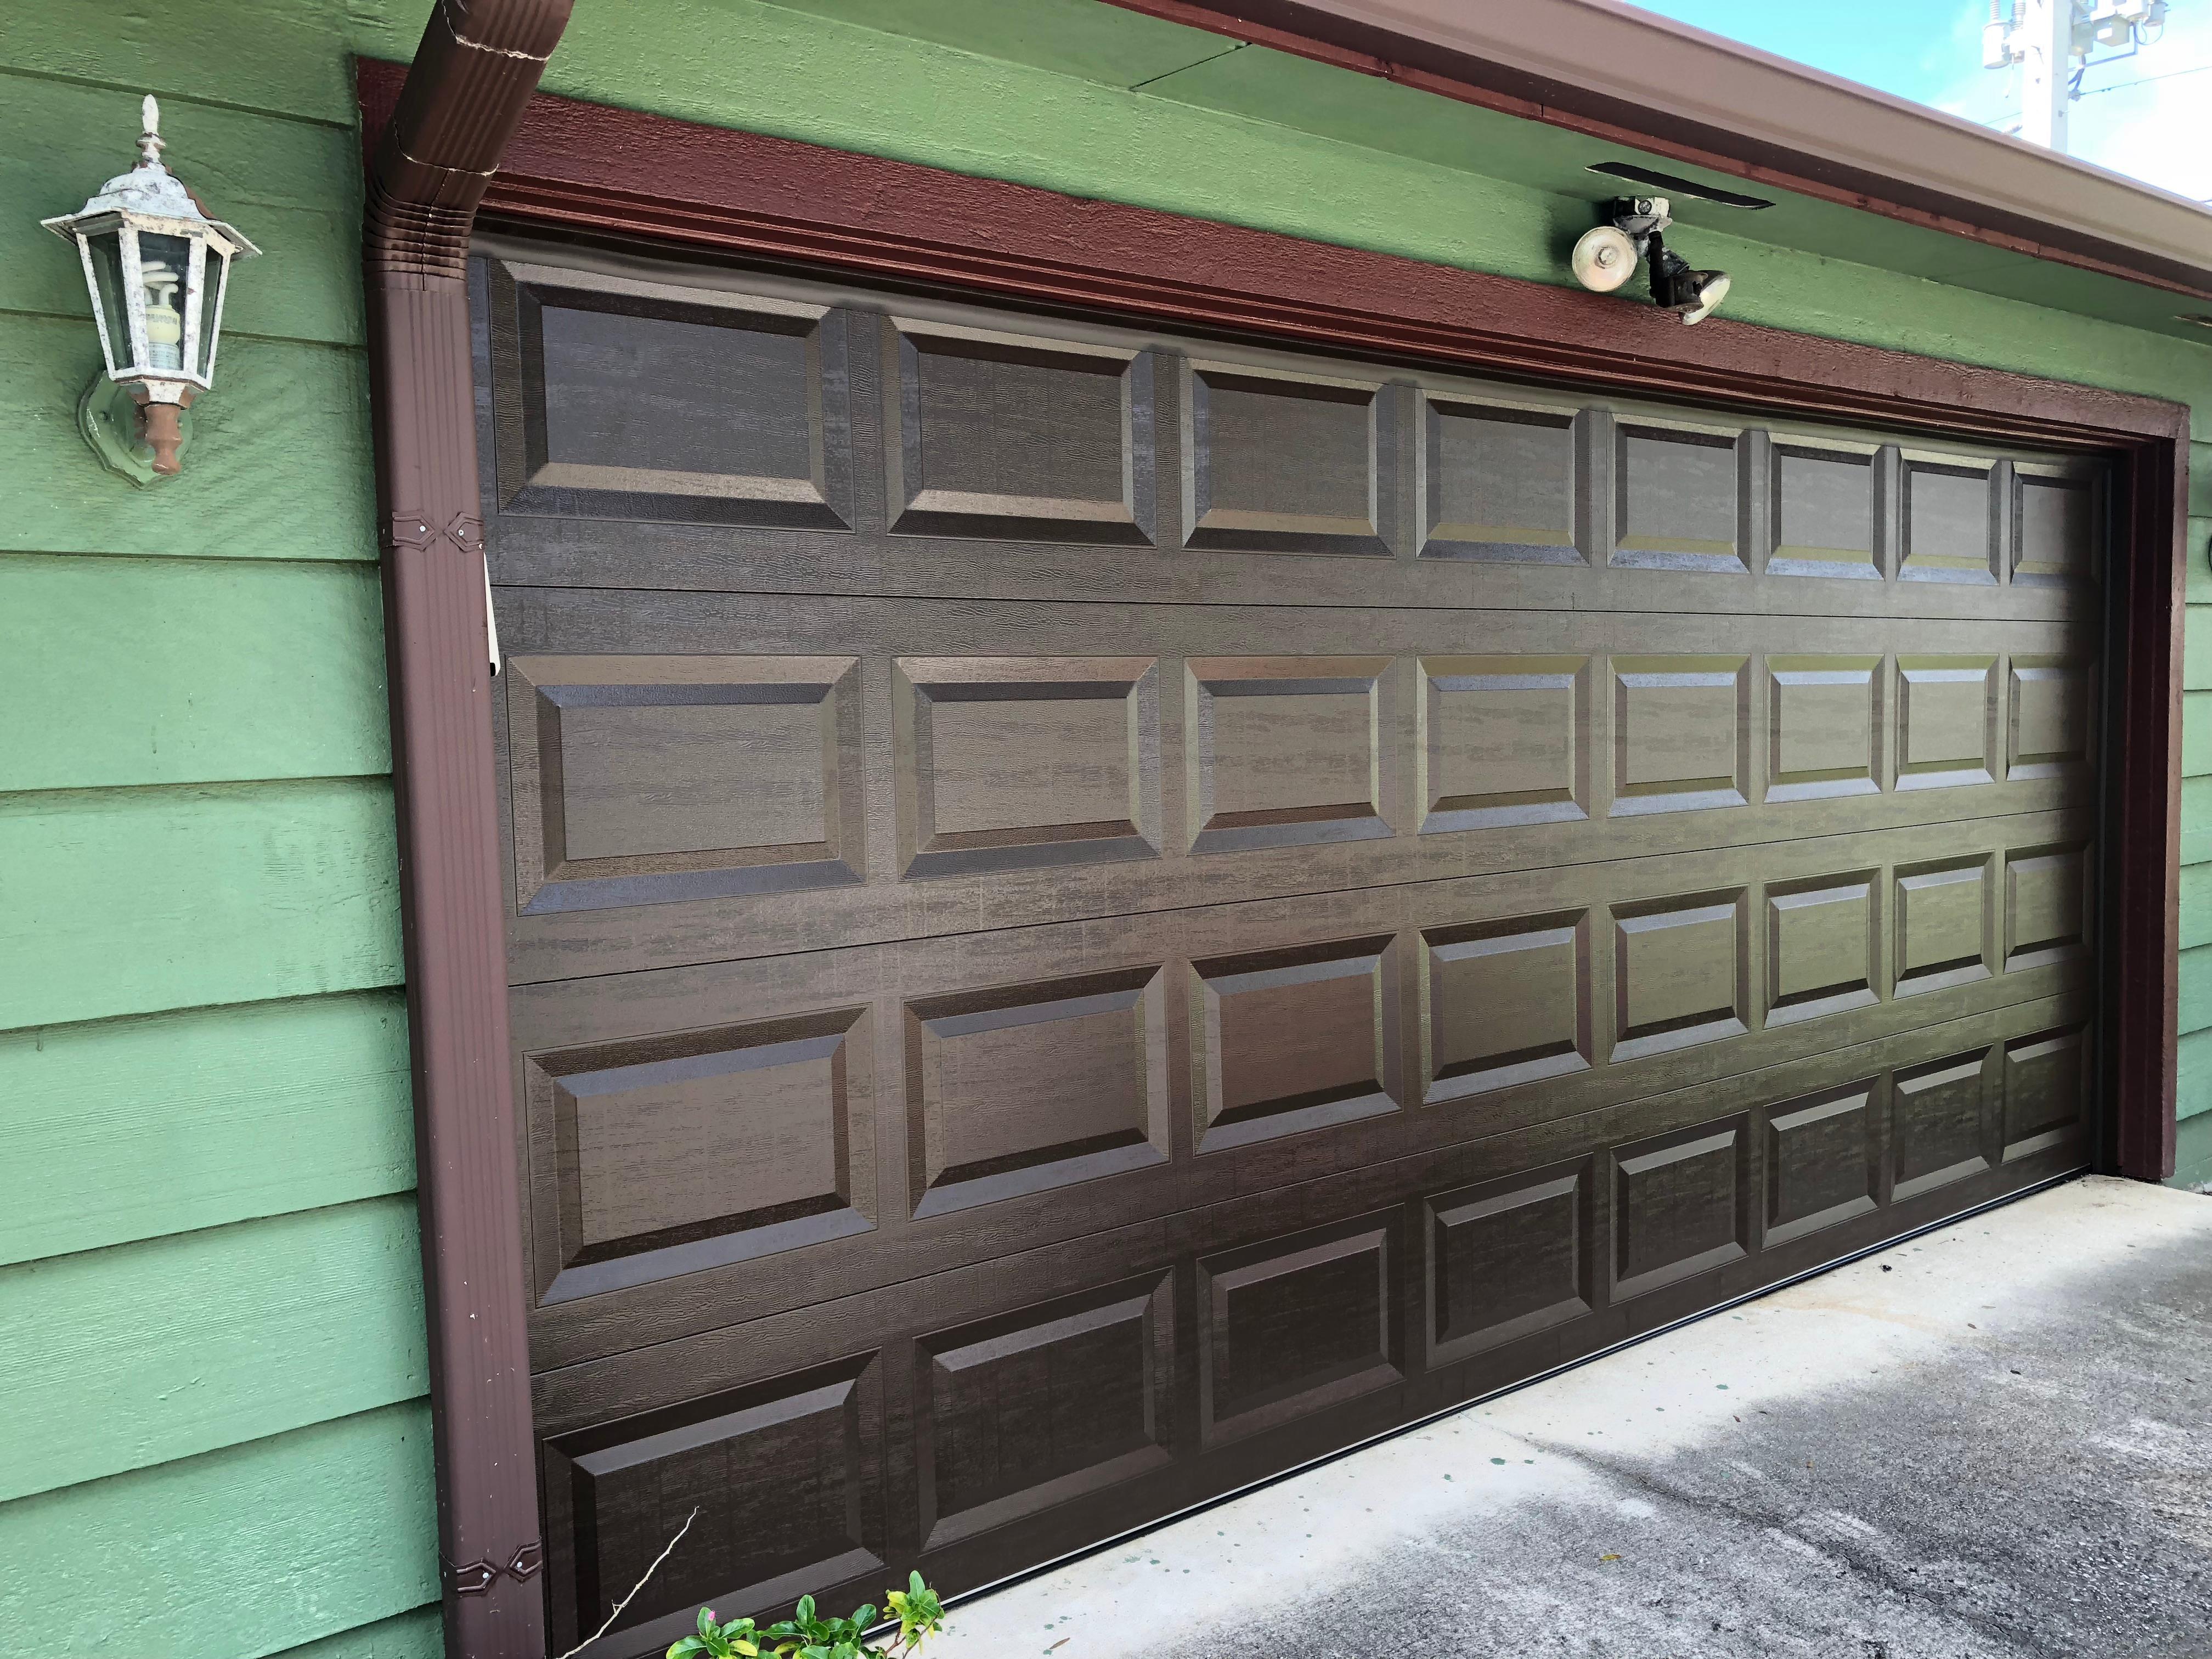 Amana Garage Doors image 2